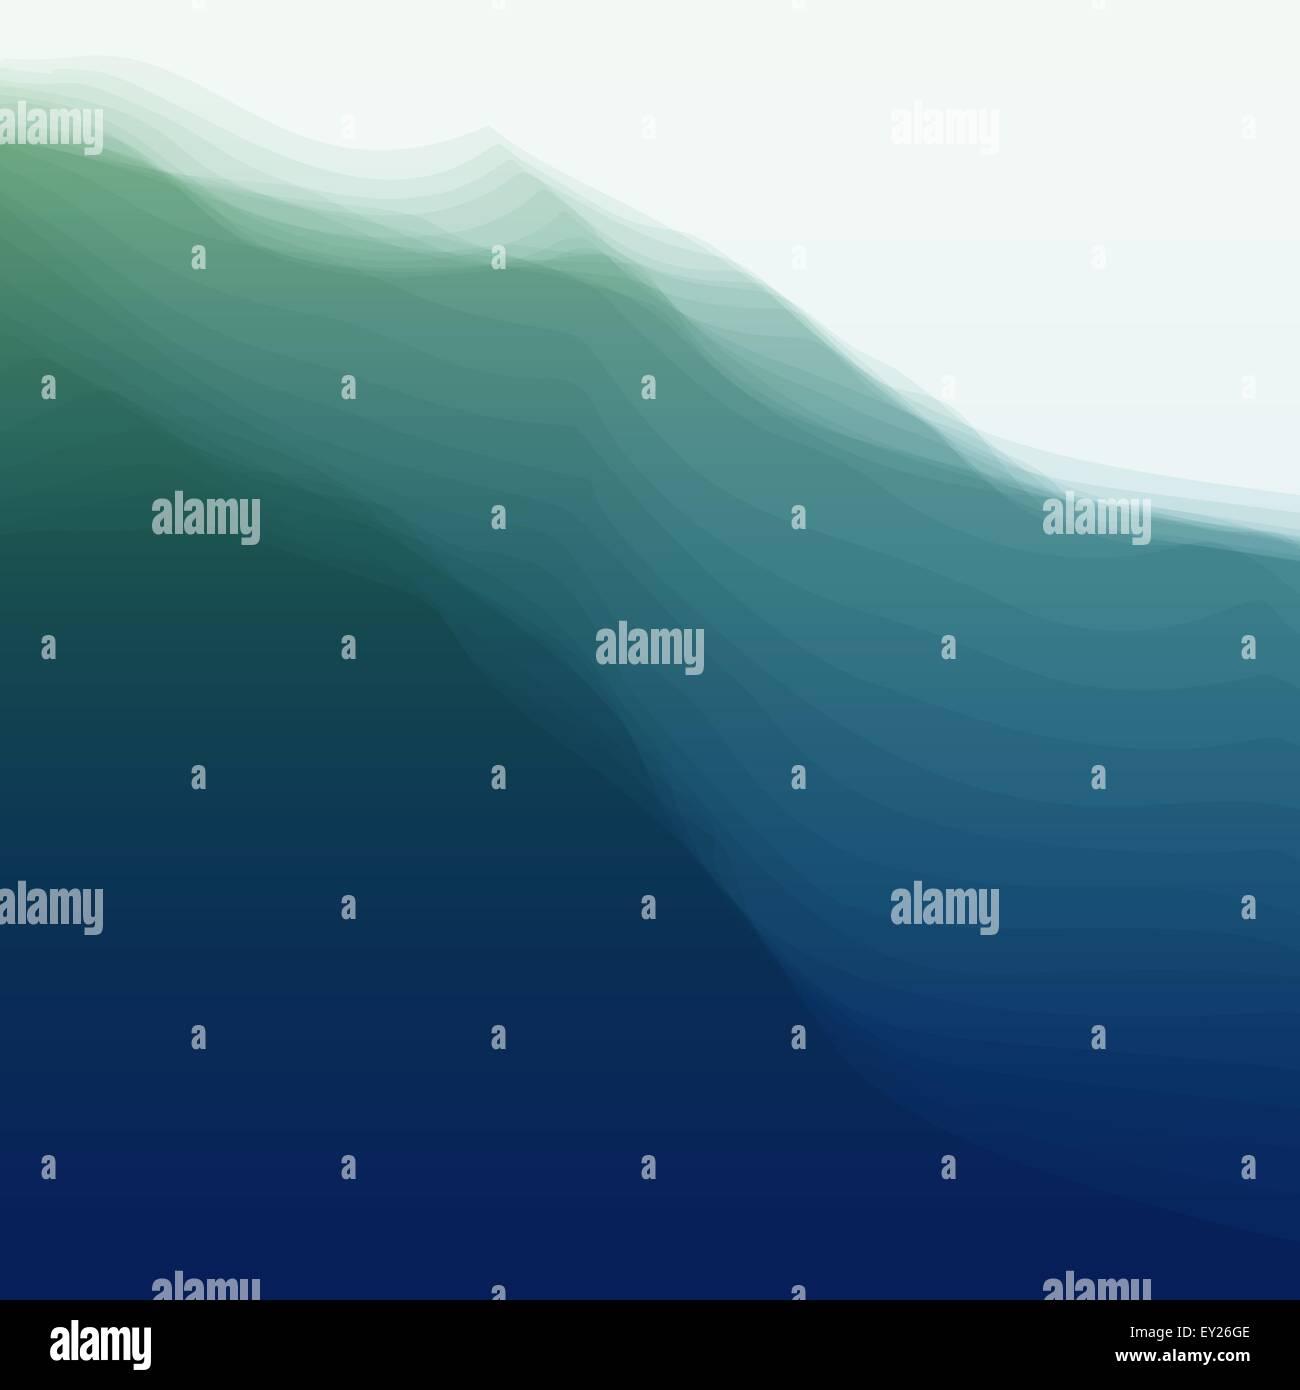 Onda d'acqua. Illustrazione di vettore per il design. Immagini Stock